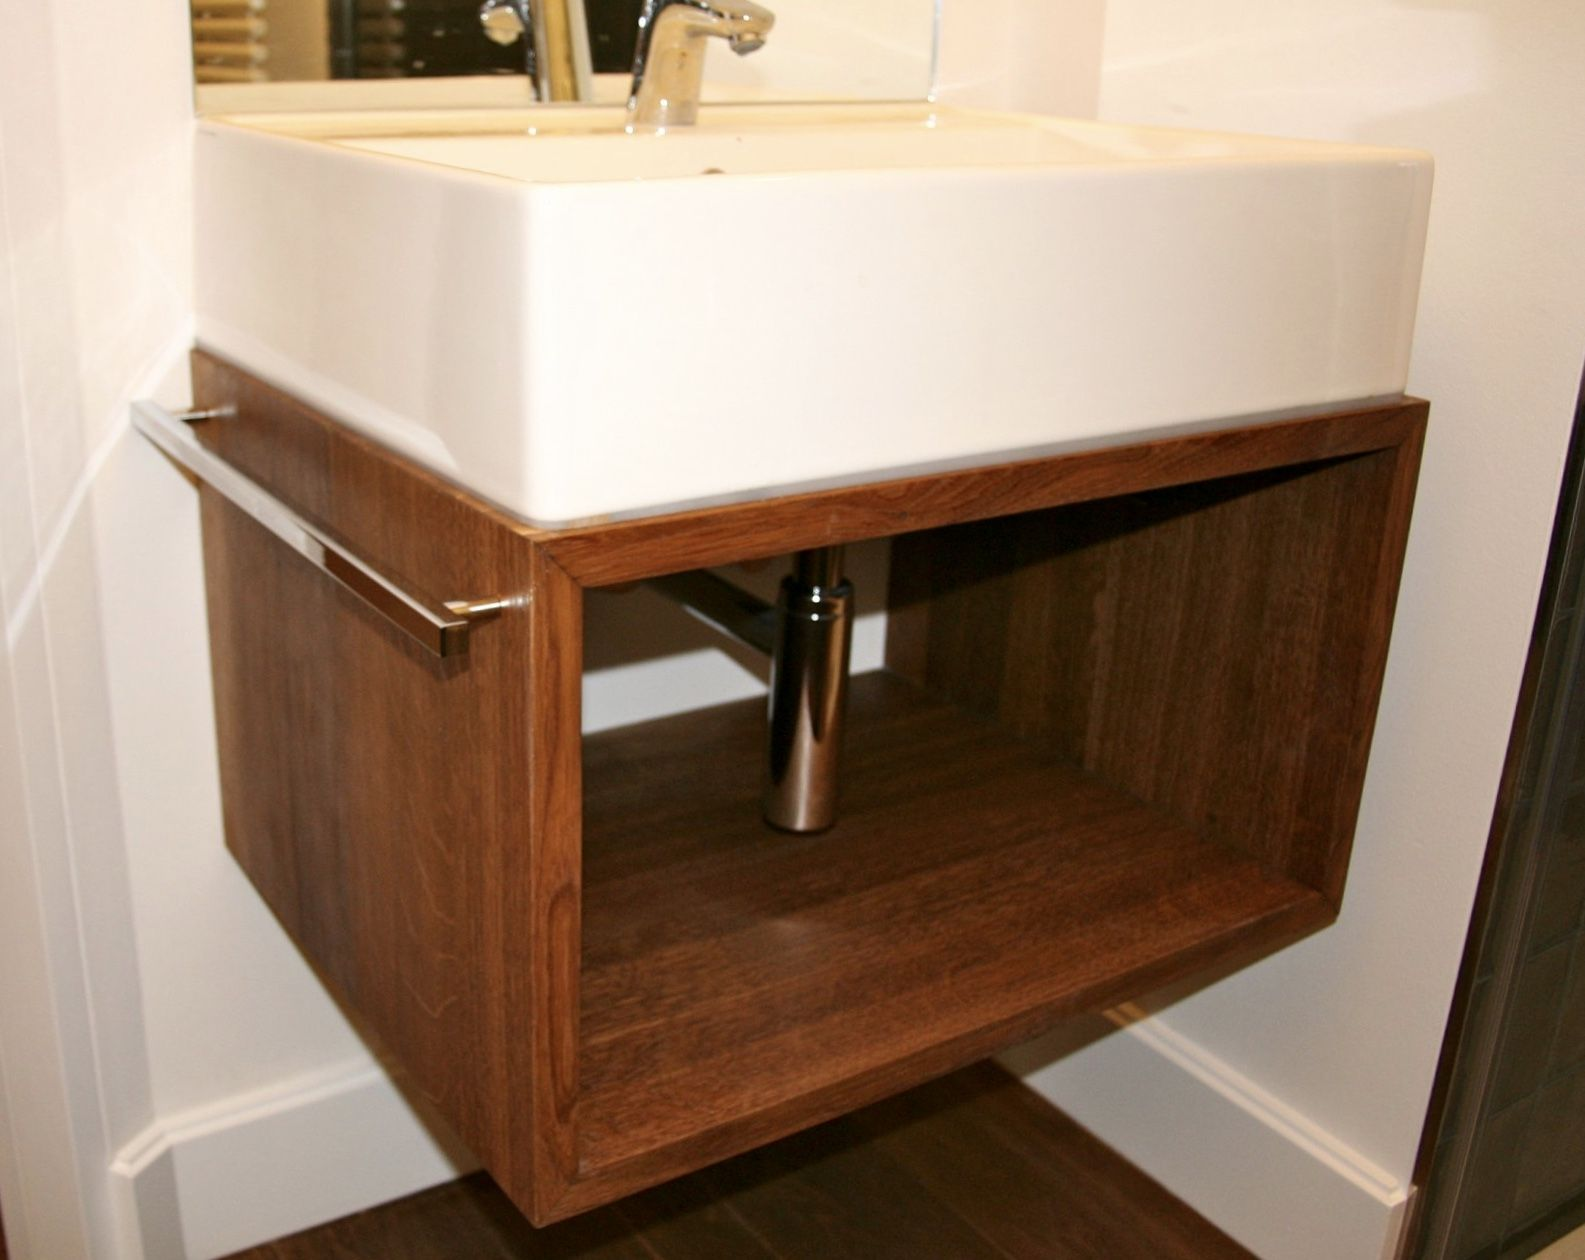 Unterschrank Offen Kleines Bad Shelf Small Bathroom Unterschrank Spiegelschrank Schrank